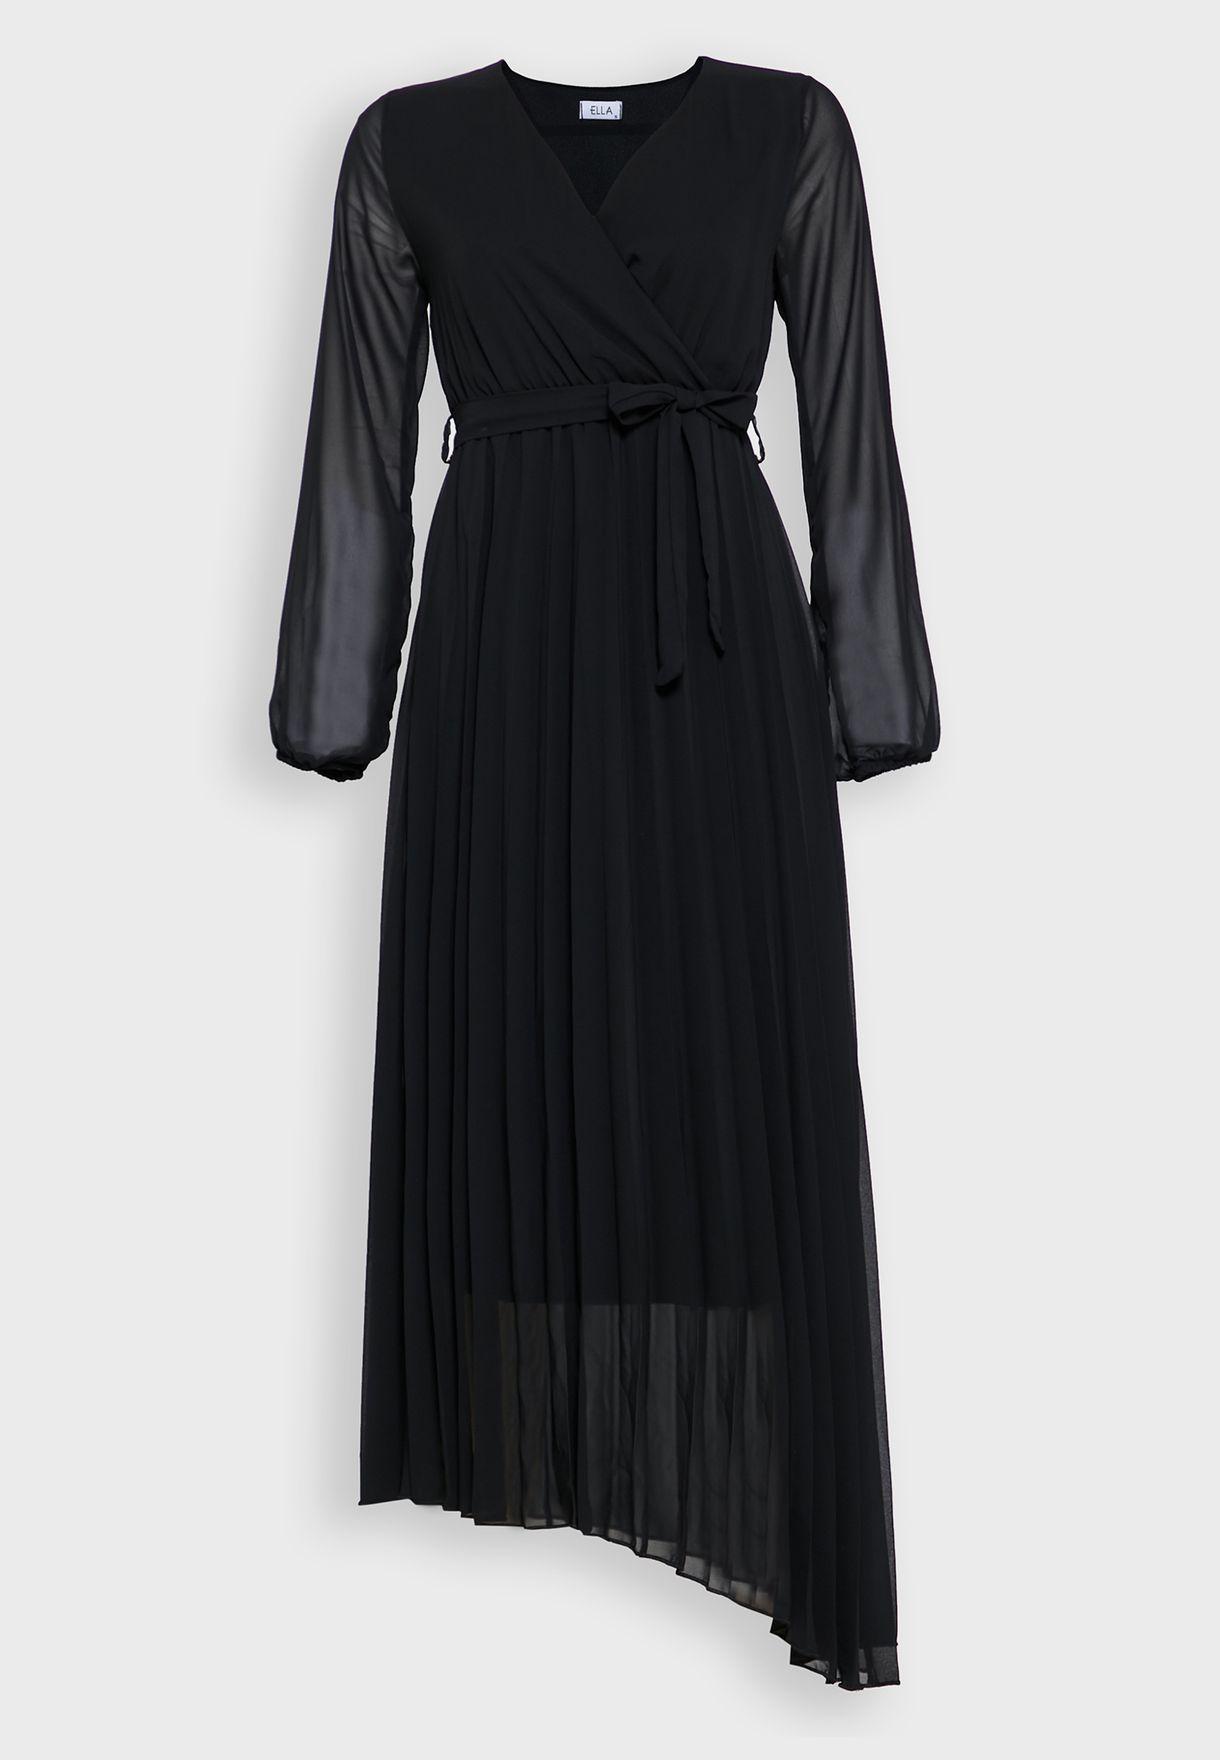 فستان ماكسي لف مع اكمام طويلة شفافة